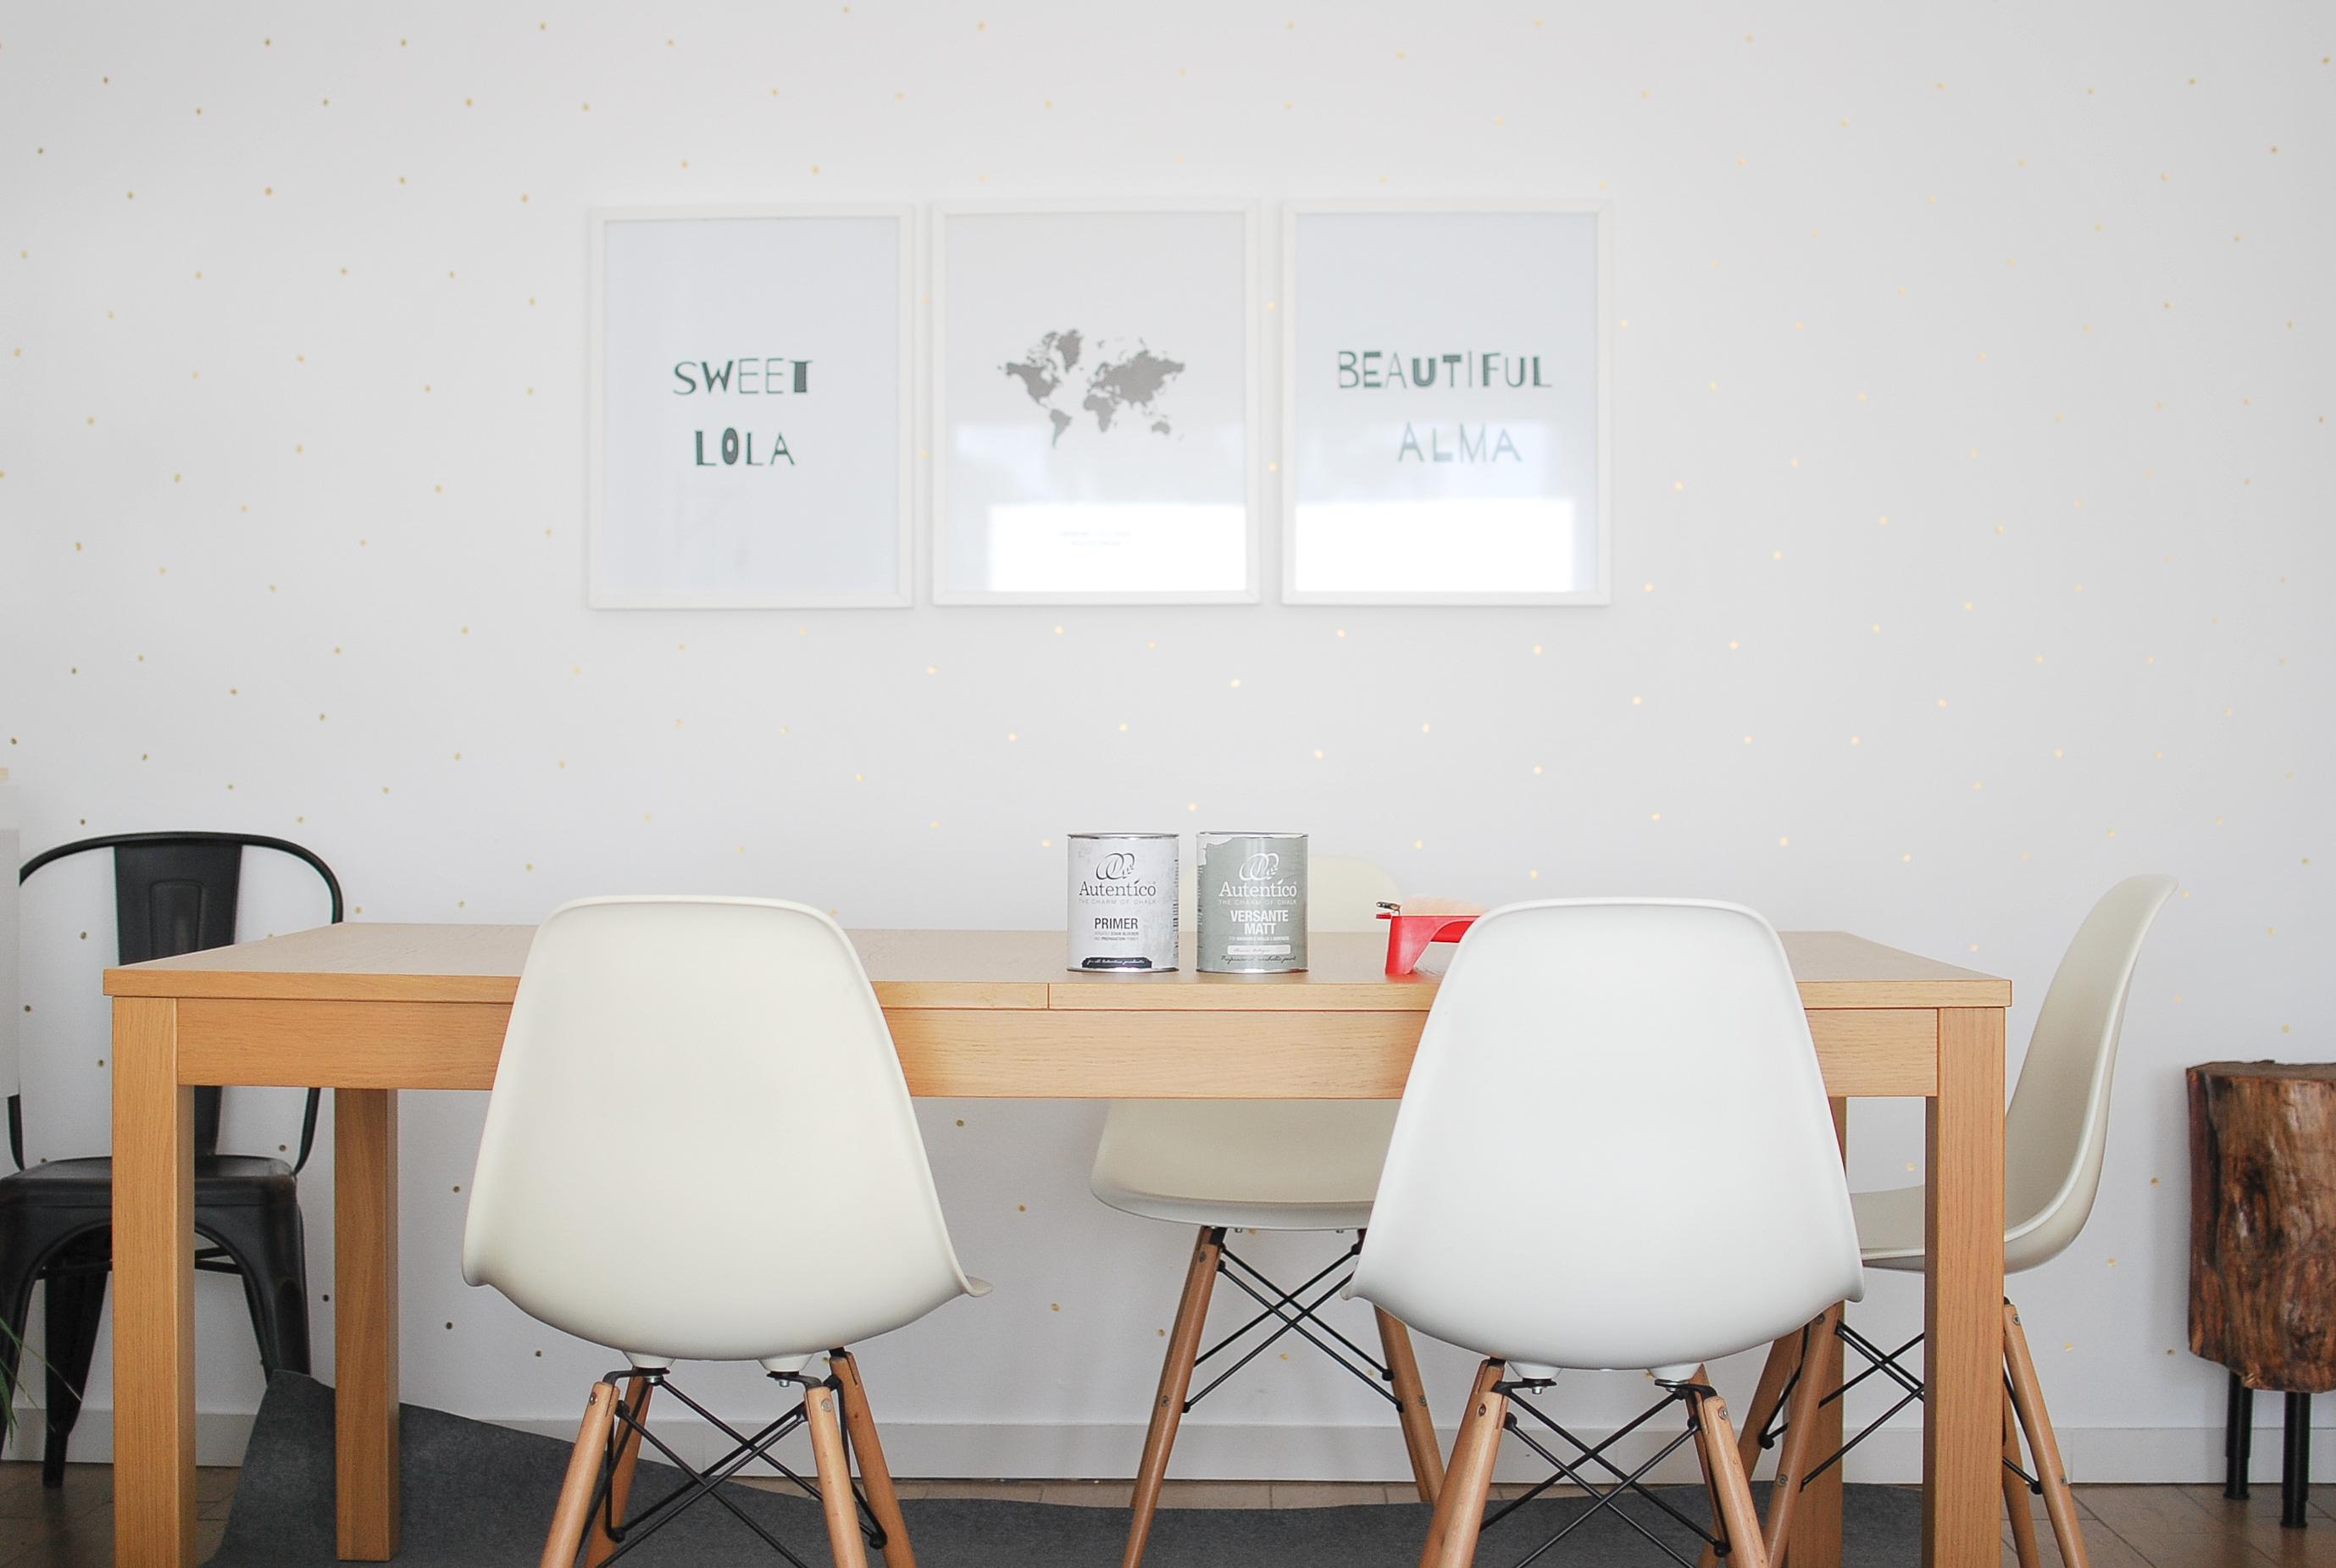 Muebles de ikea como nuevos - Mesas y sillas de ikea ...